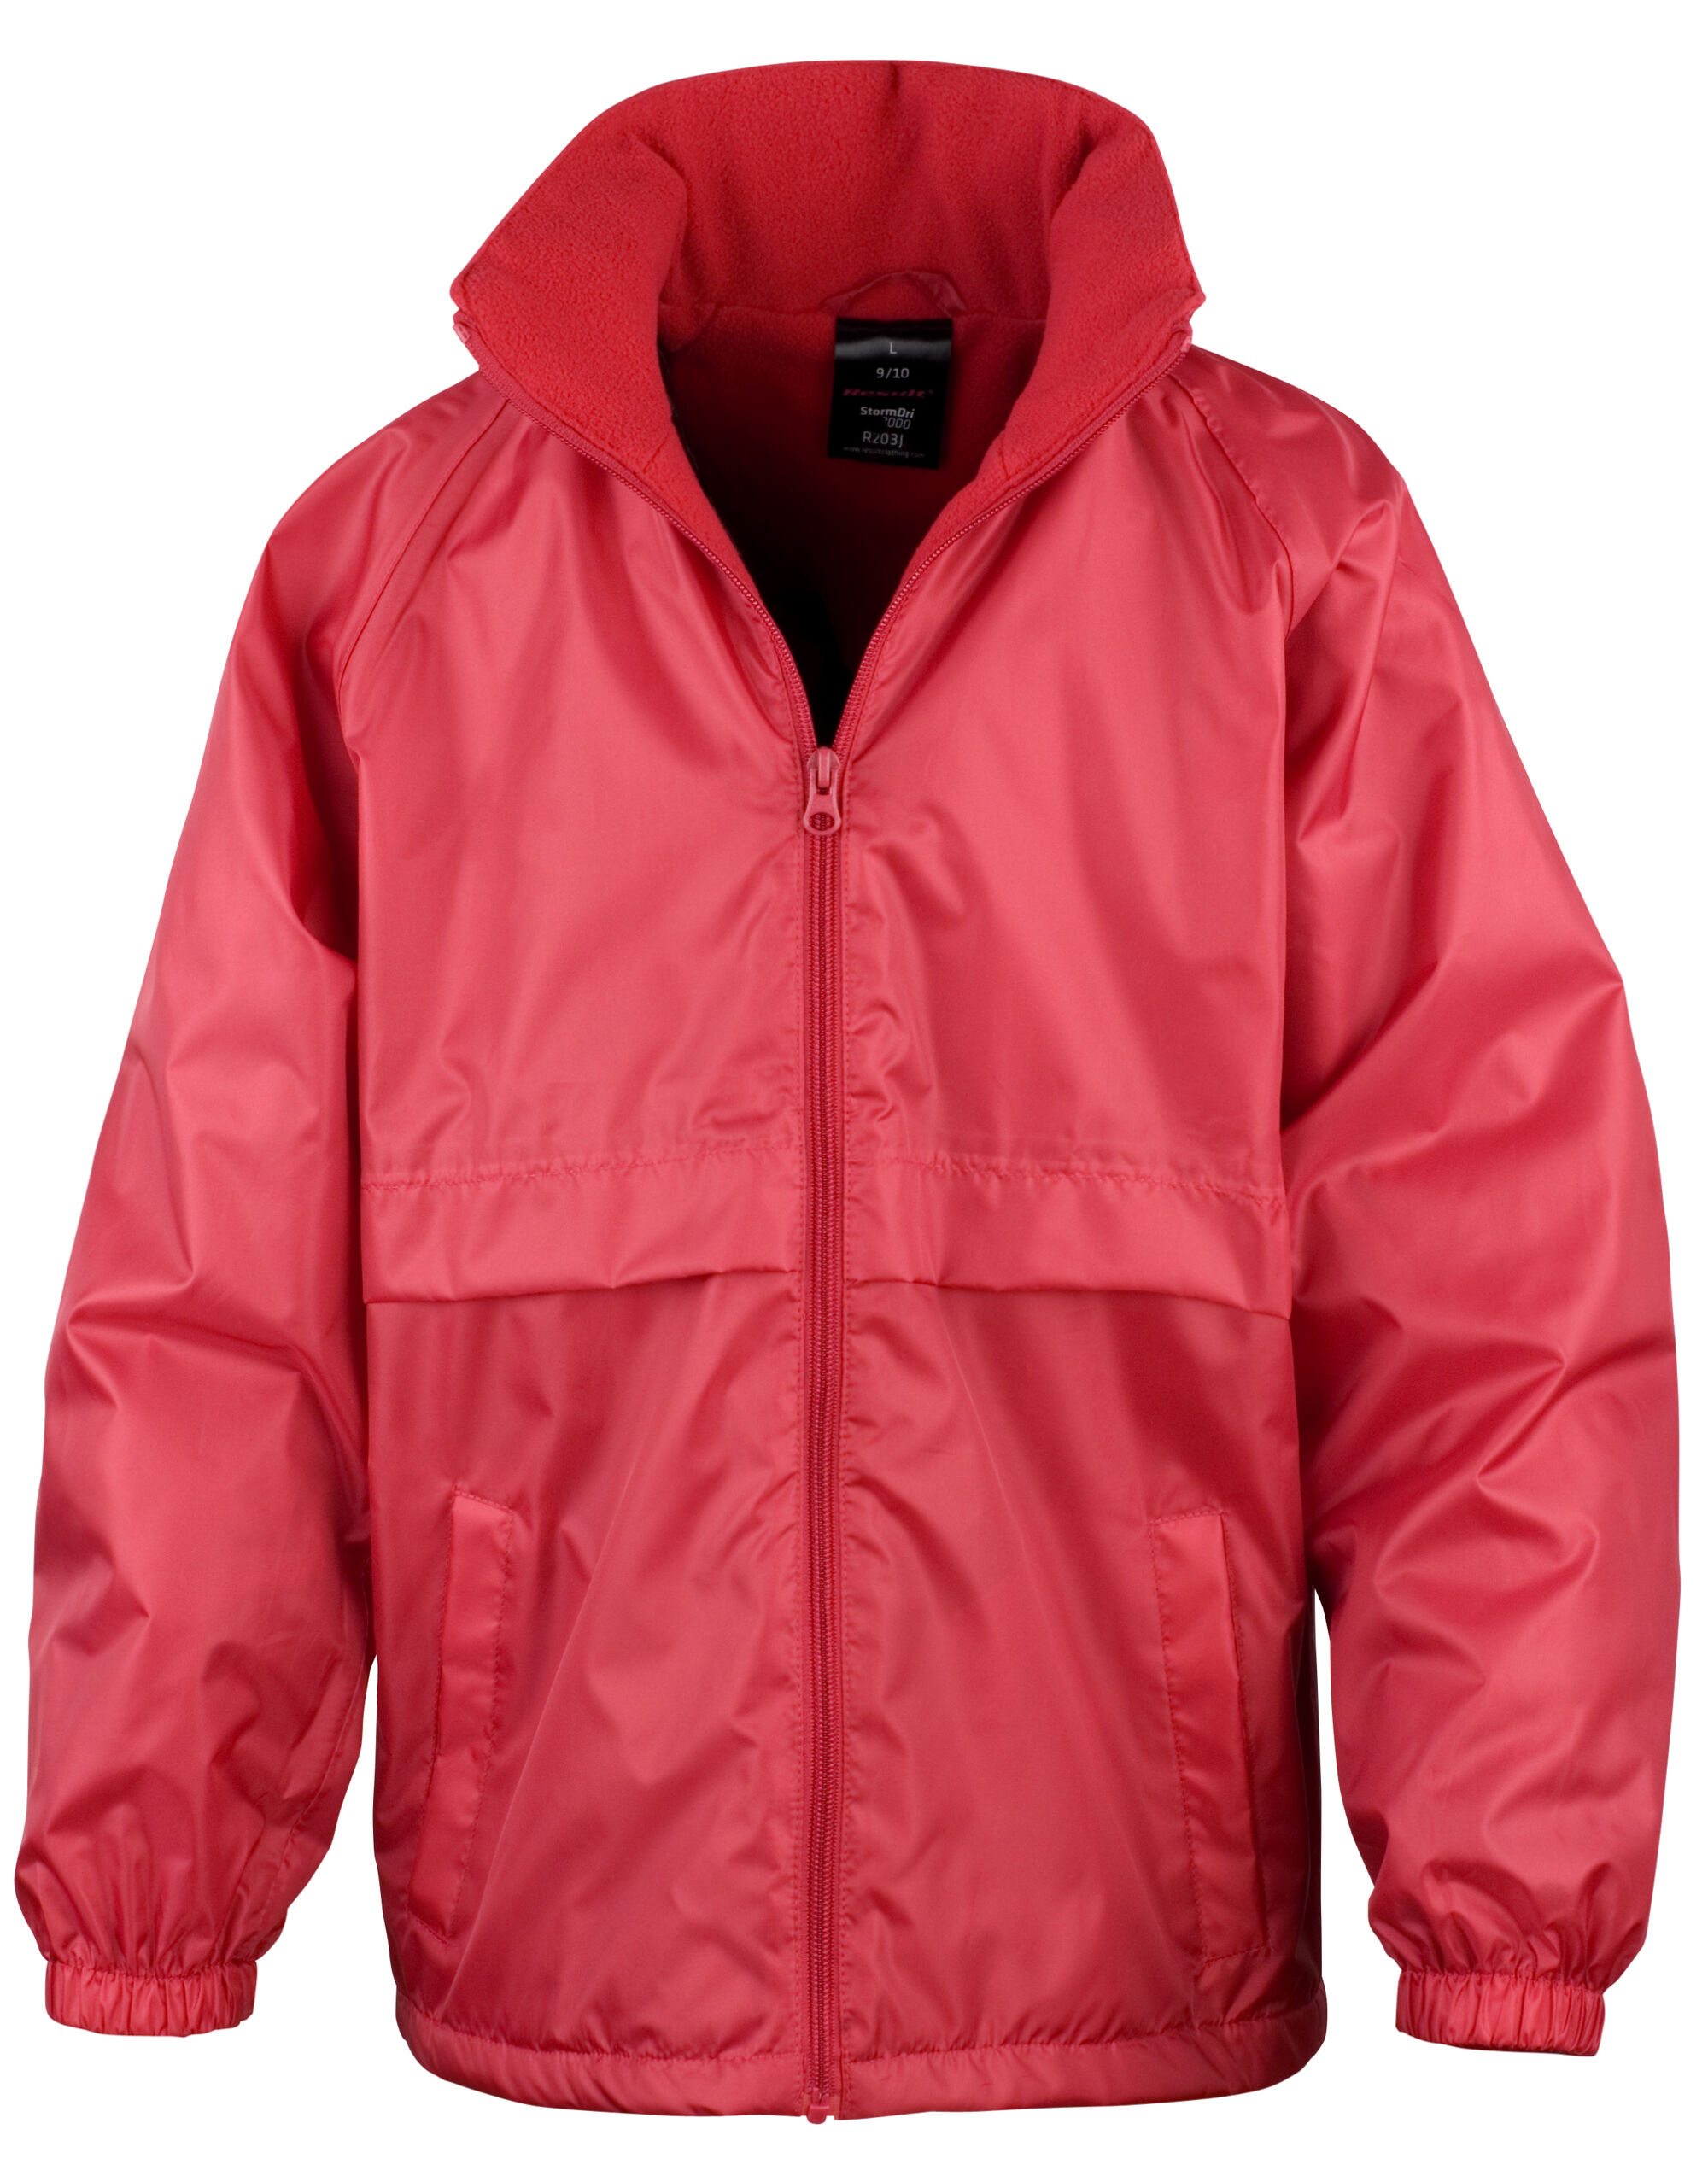 Youth Micro Fleece Jacket